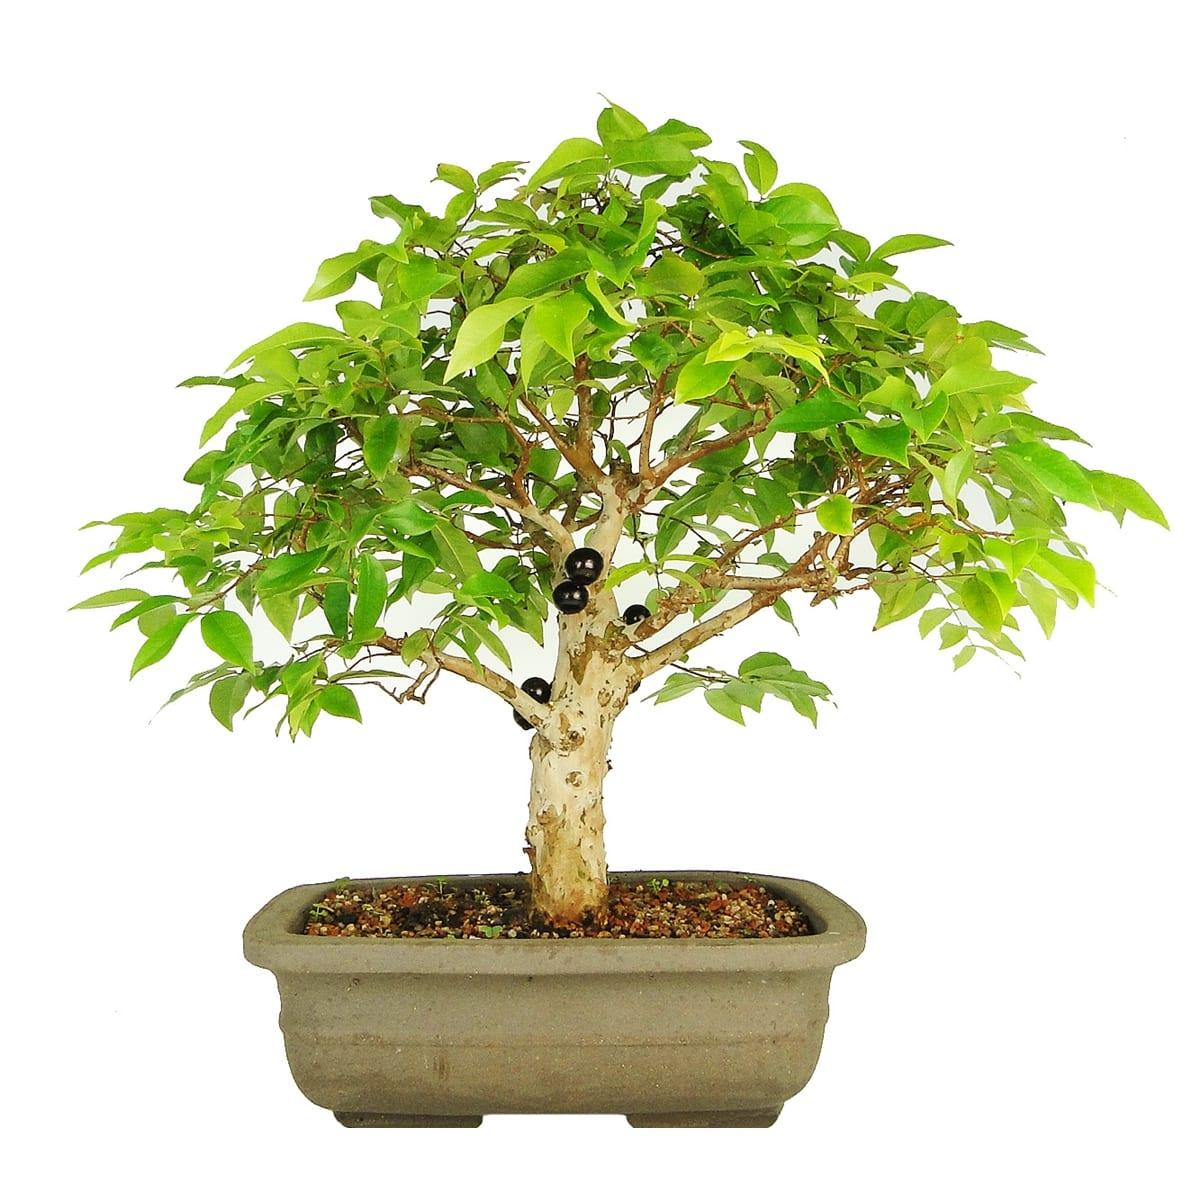 C mo cuidar un bons i de jaboticaba - Cuidado del bonsai ...